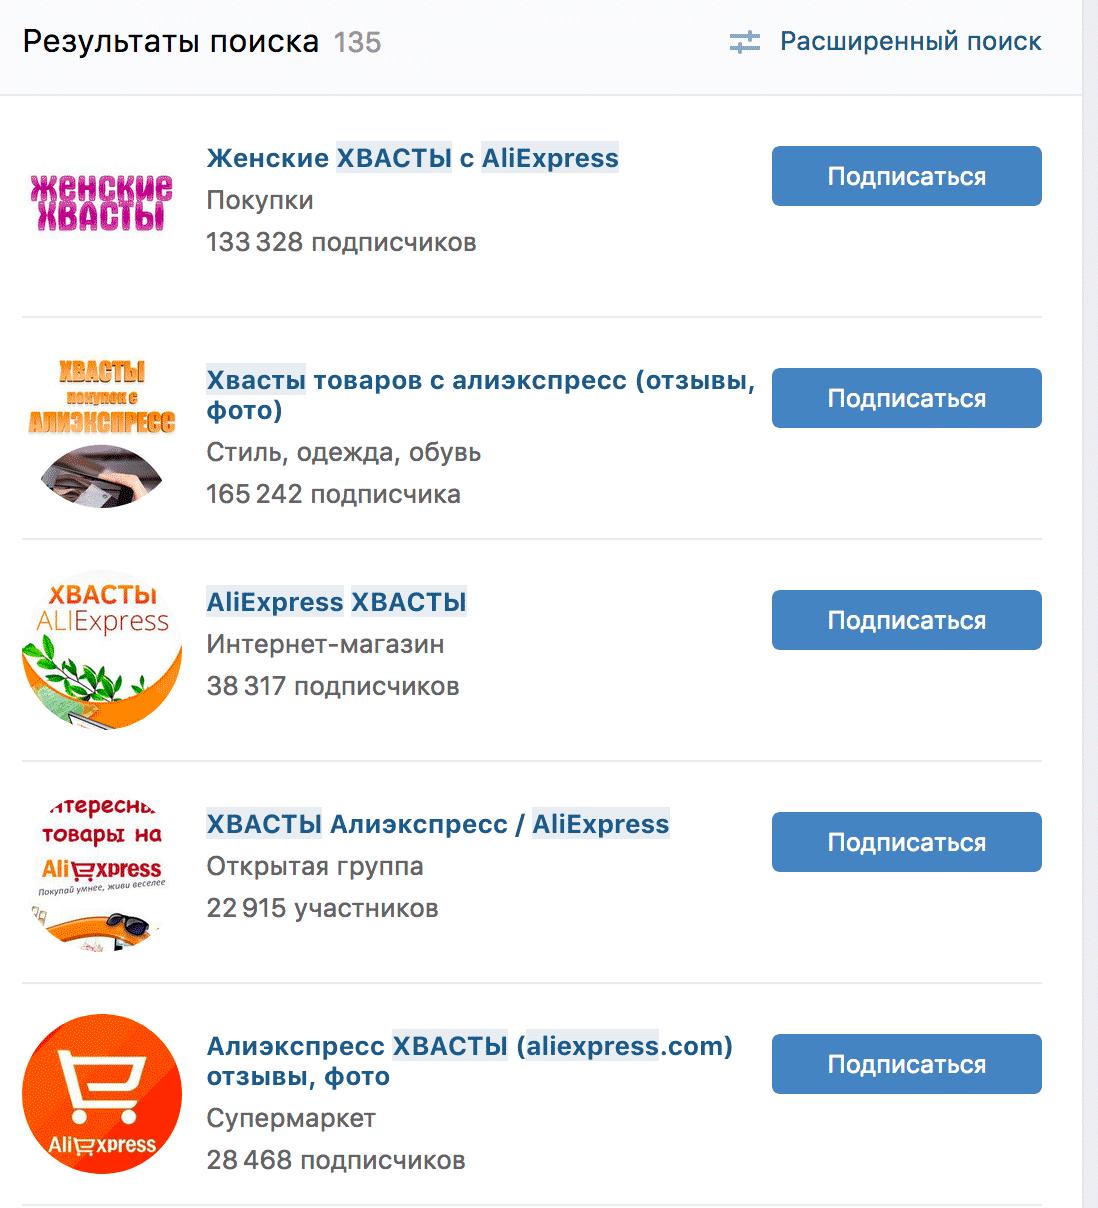 Поиск во Вконтакте выдает 135 групп, в названии которых есть запрос «Хвасты Aliexpress» — на сленге шопоголиков это находки с «Алиэкспресса», которые им понравились